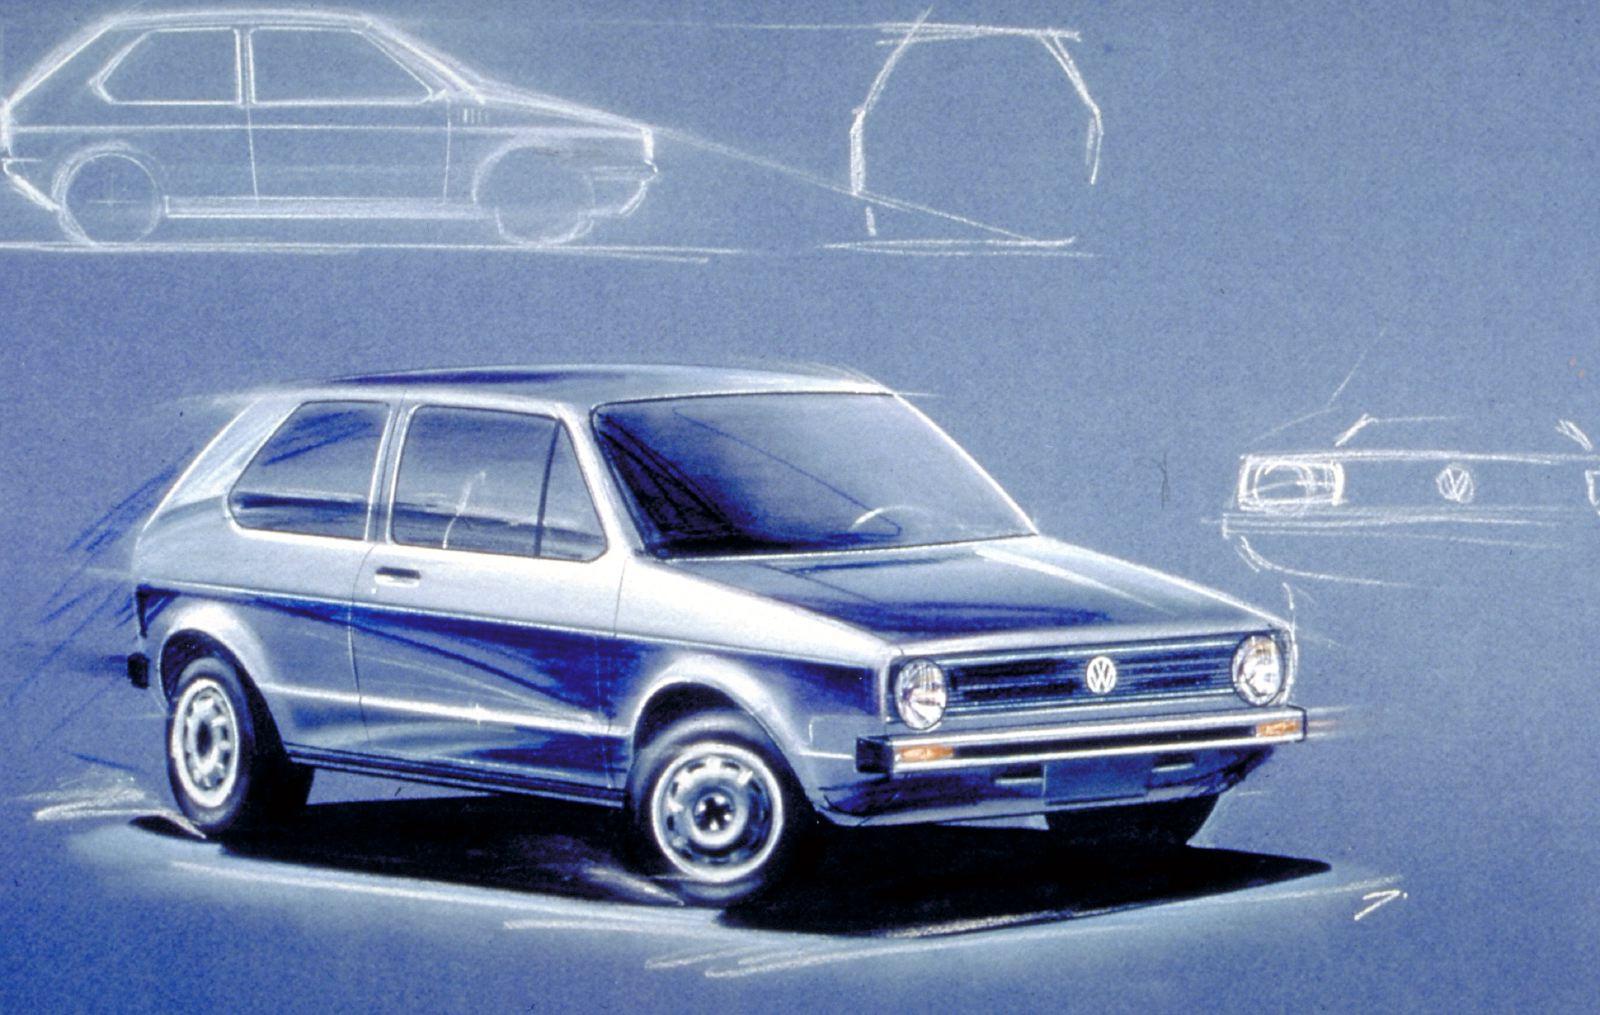 1970 Volkswagen Golf